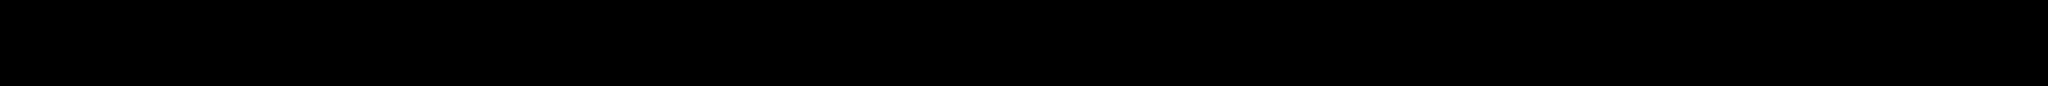 BREMBO 1613191380, 1629058880, 4246W1, 424916, 424983 Bremsscheibe